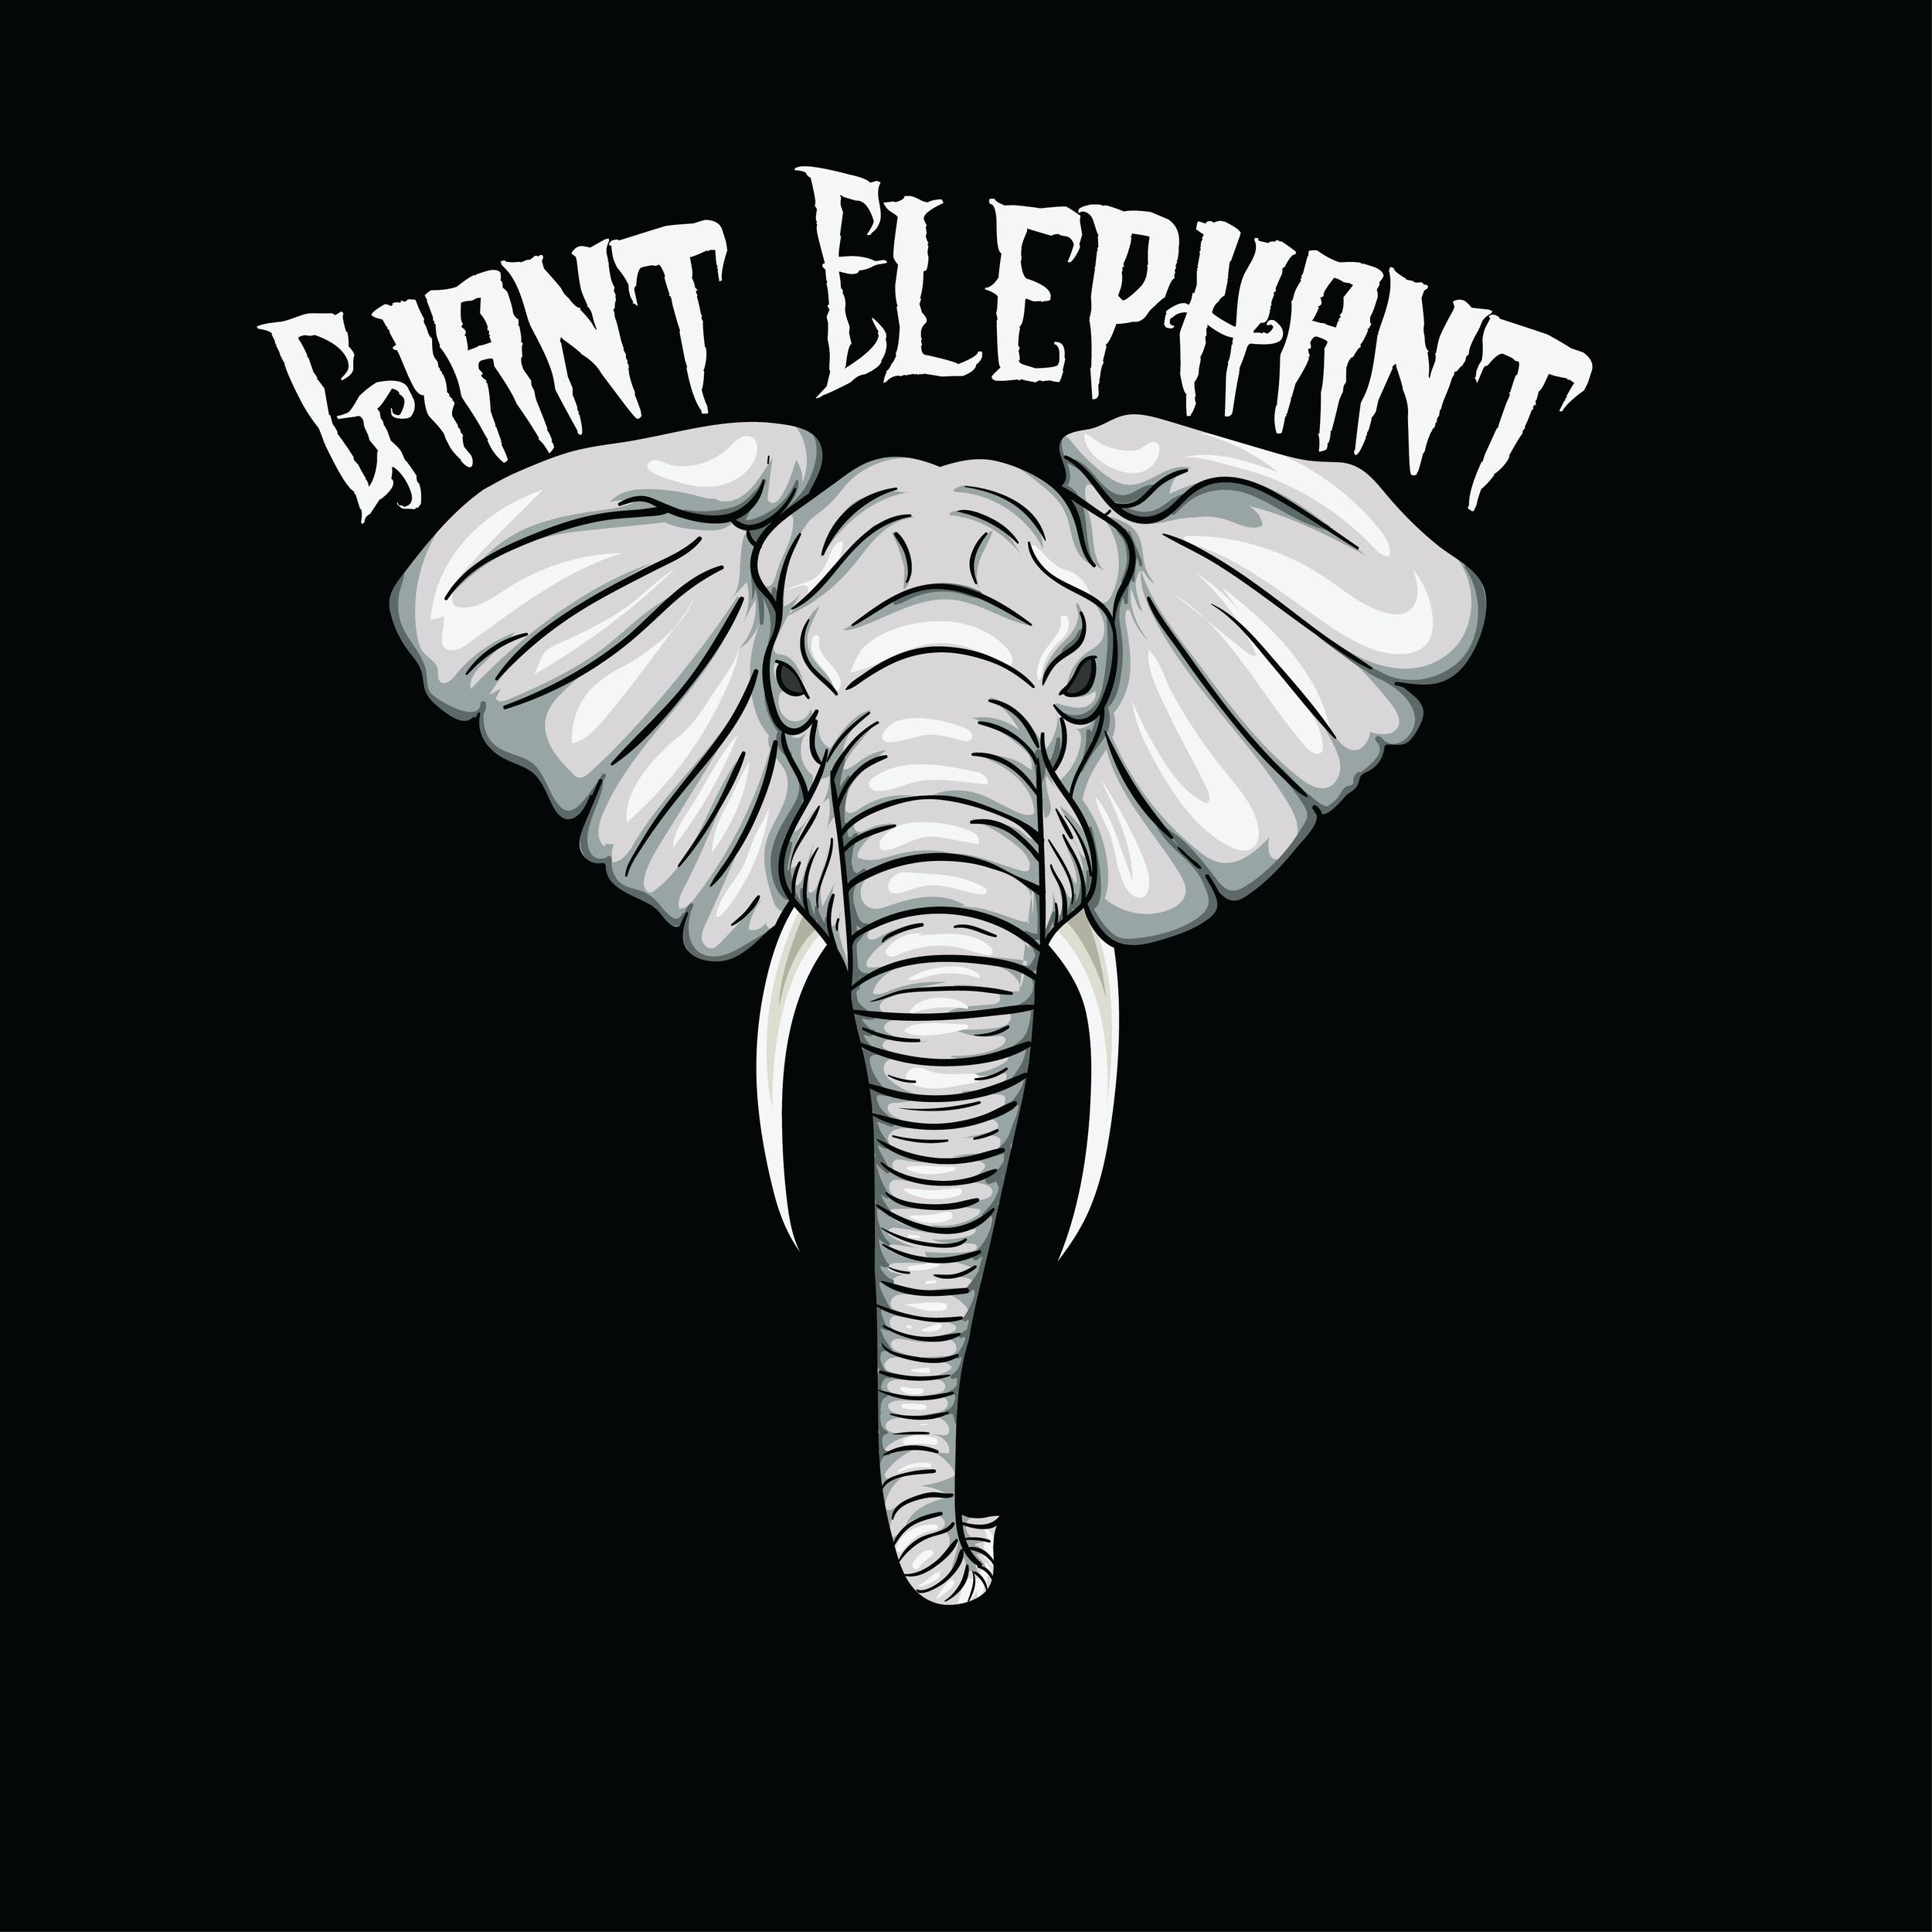 giantelephant.png